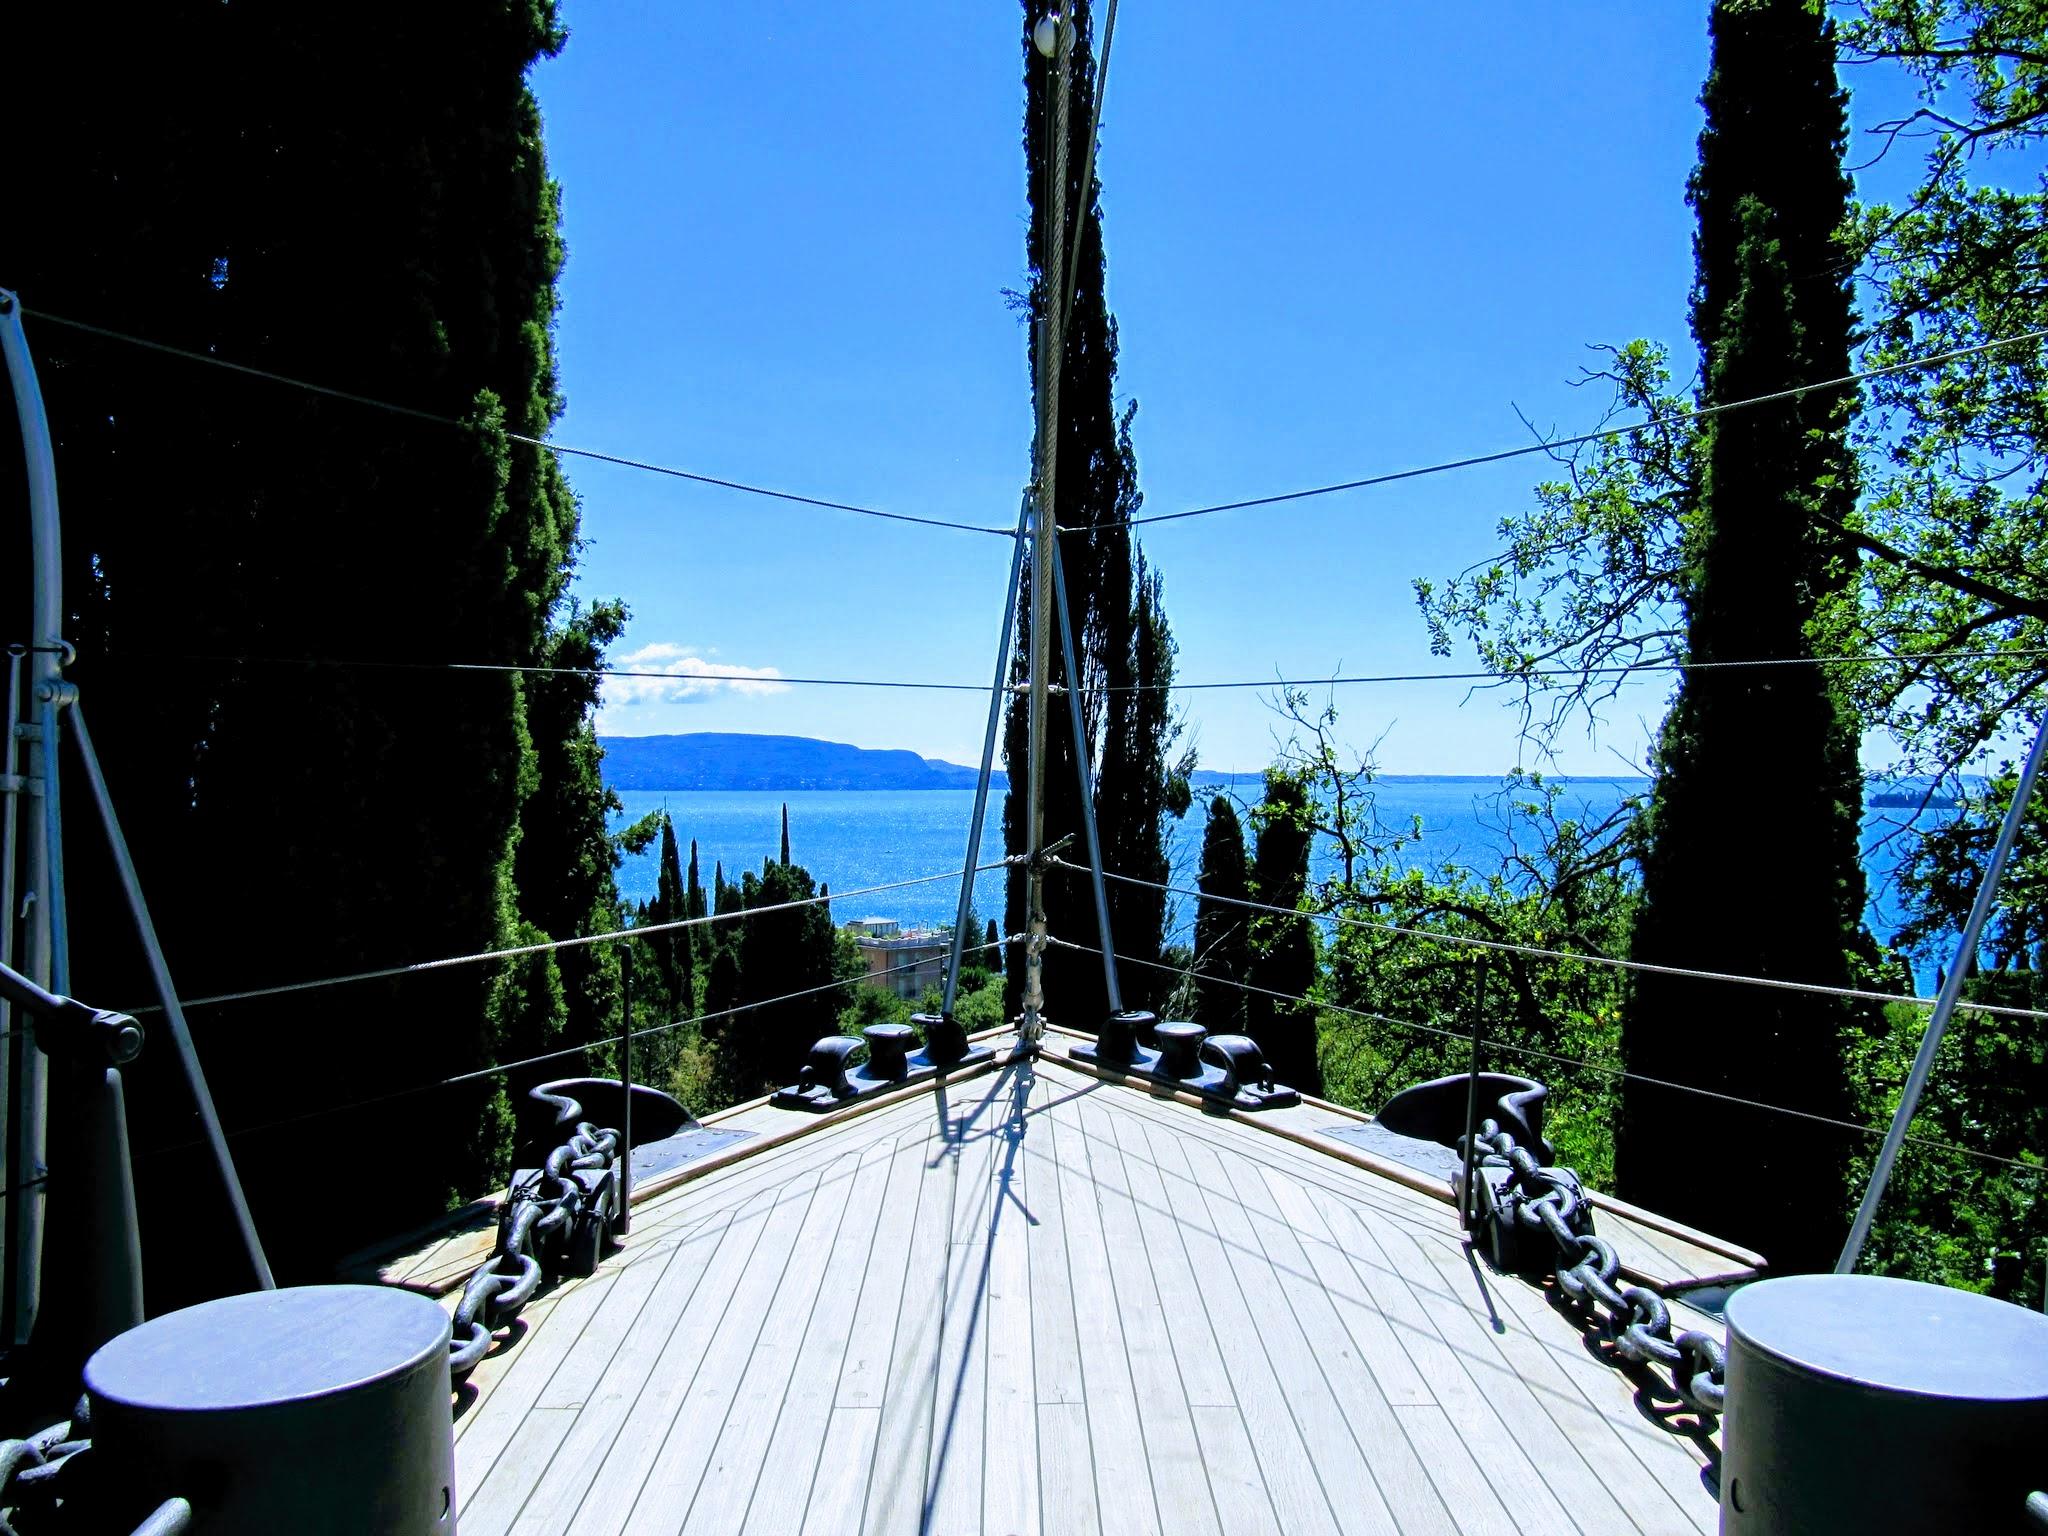 In de tuin van Il Vittoriale staat er een boot met zicht op het Gardameer